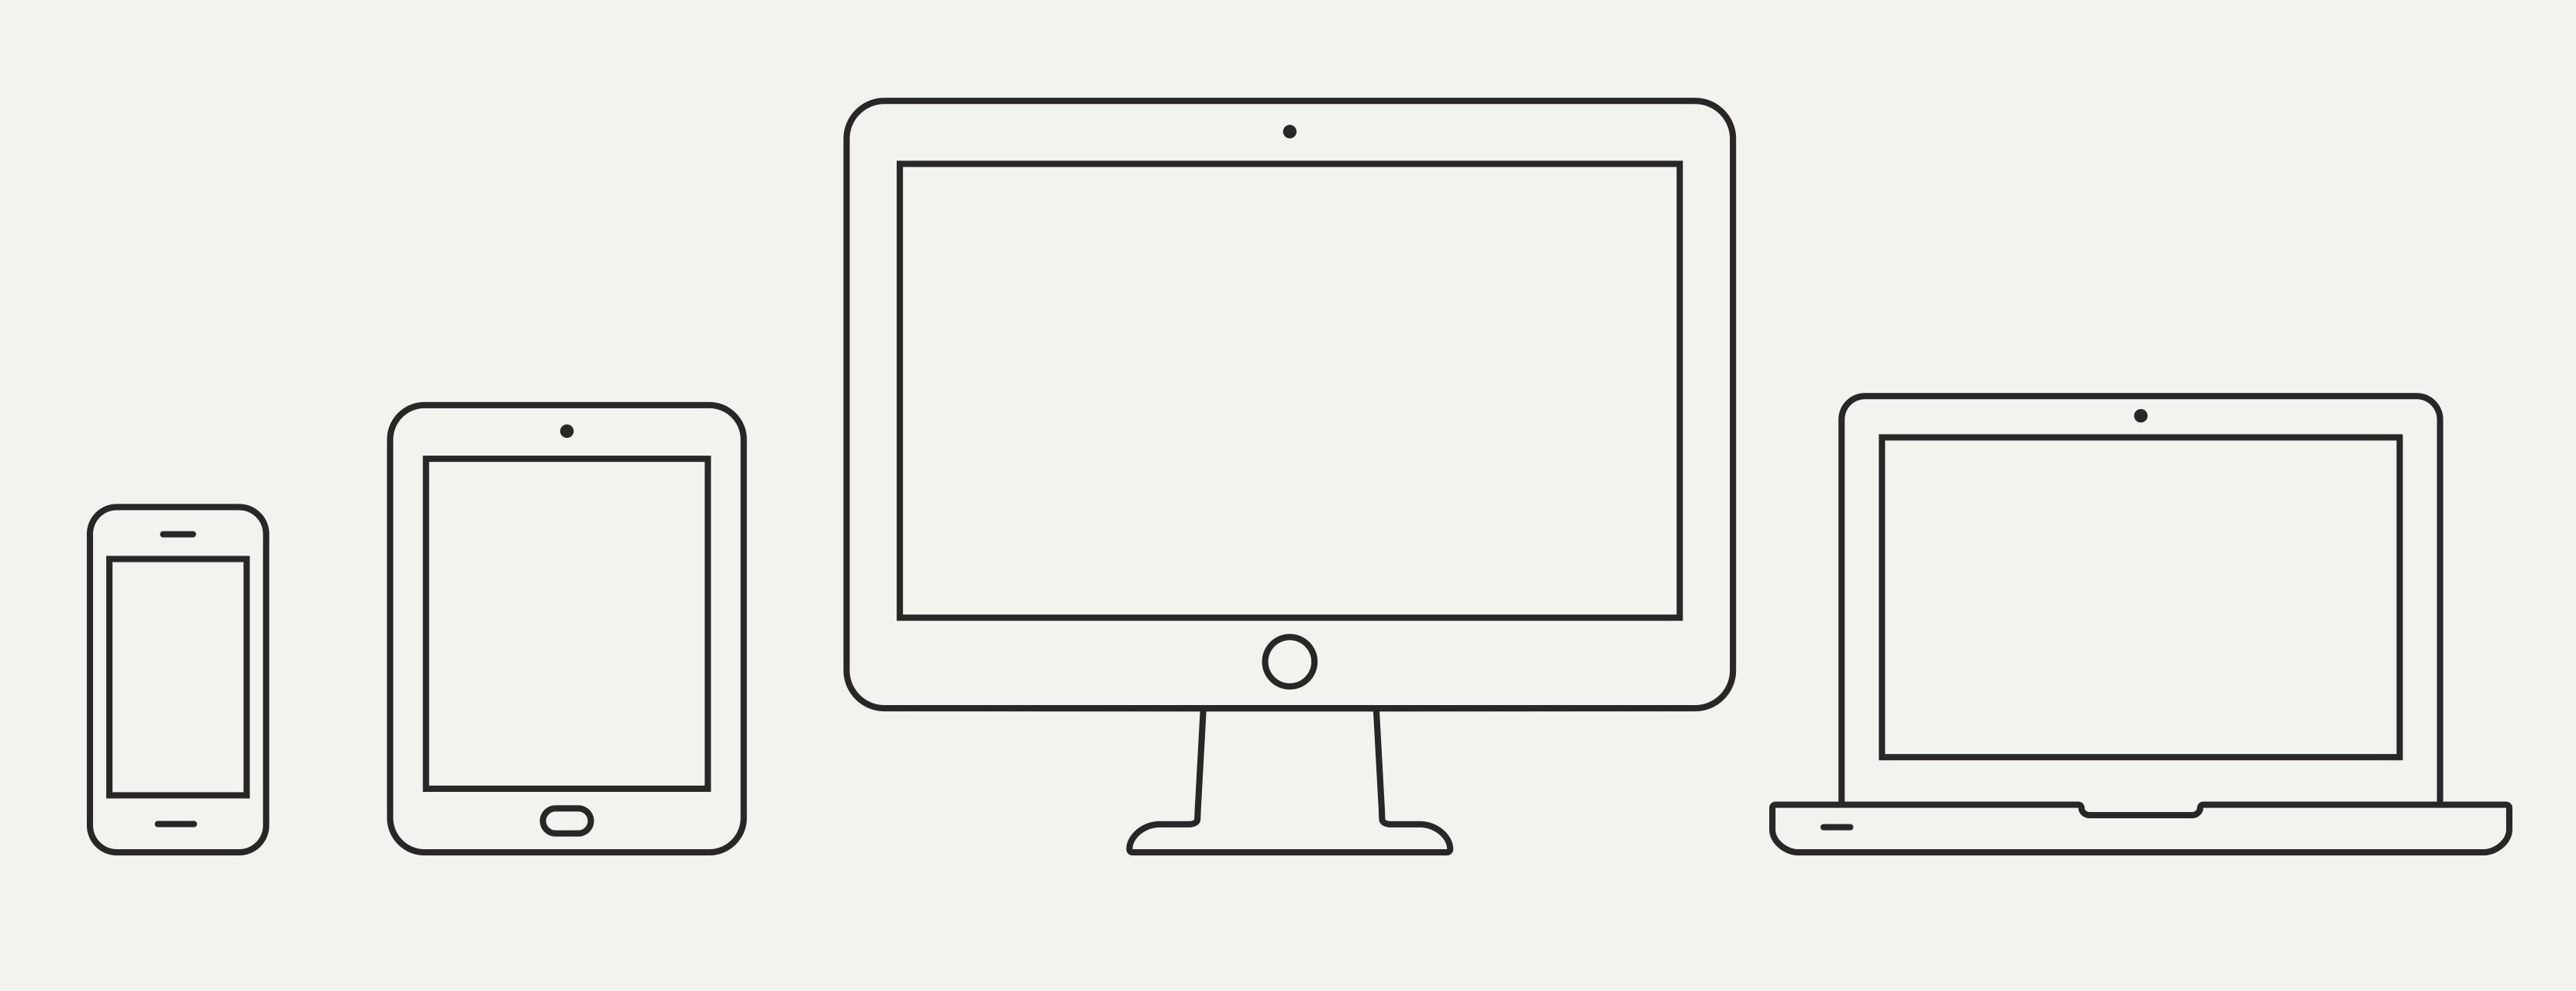 Platform demonstration blog post